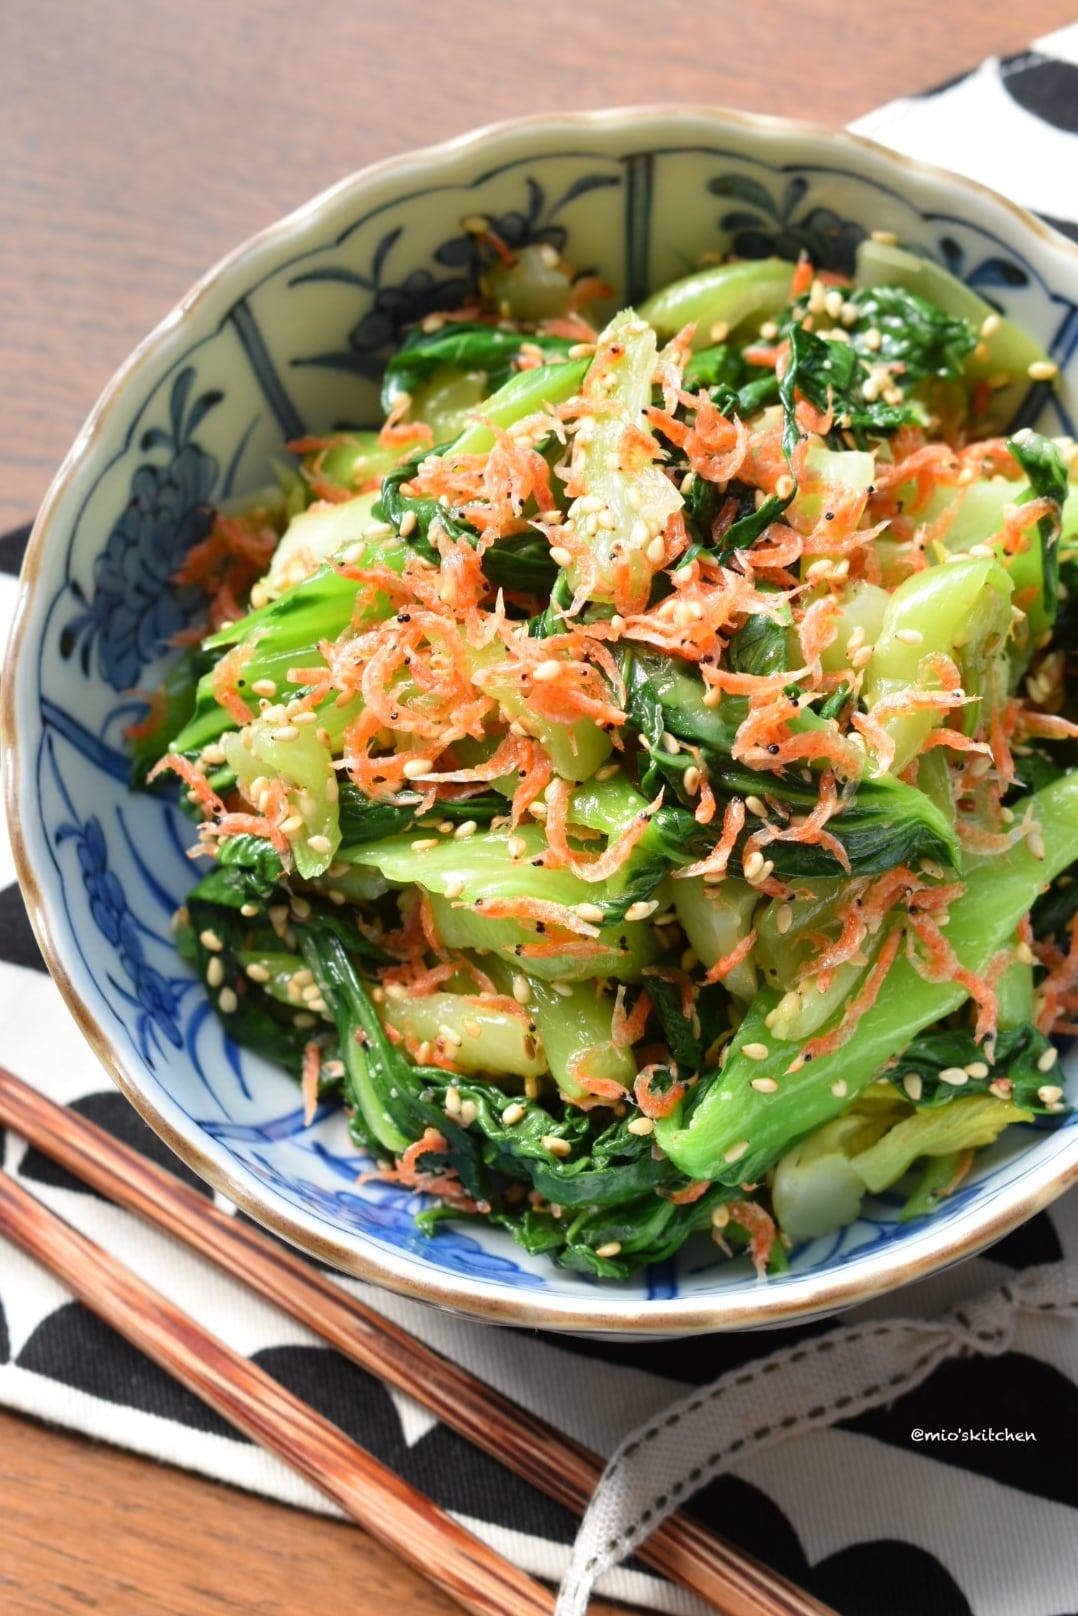 人気 チンゲン 菜 レシピ